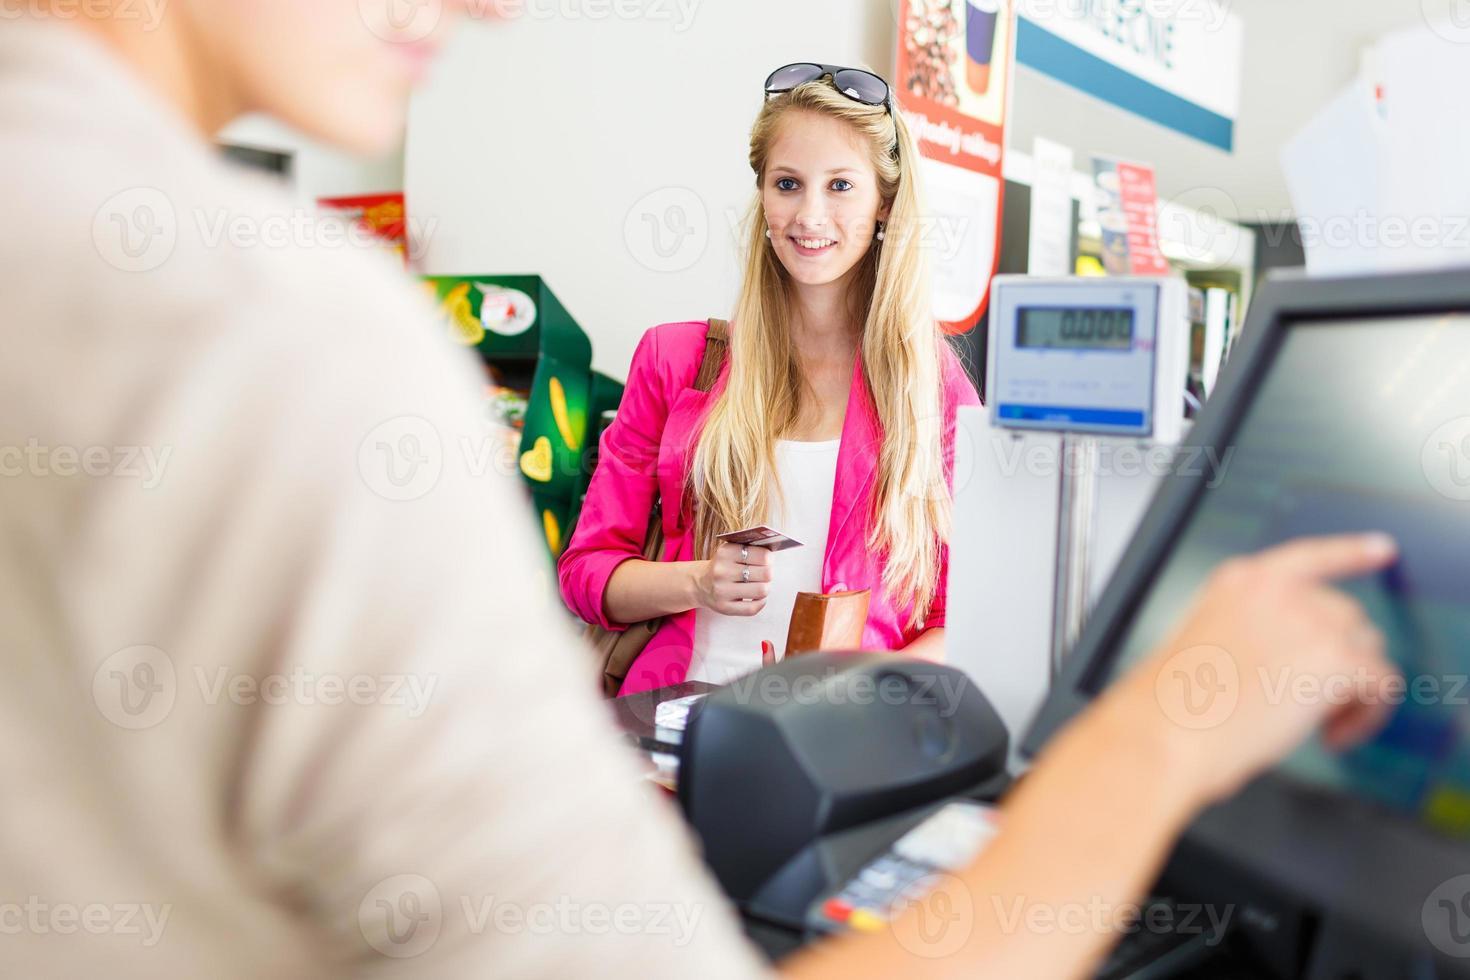 schöne junge Frau, die für ihre Einkäufe bezahlt foto